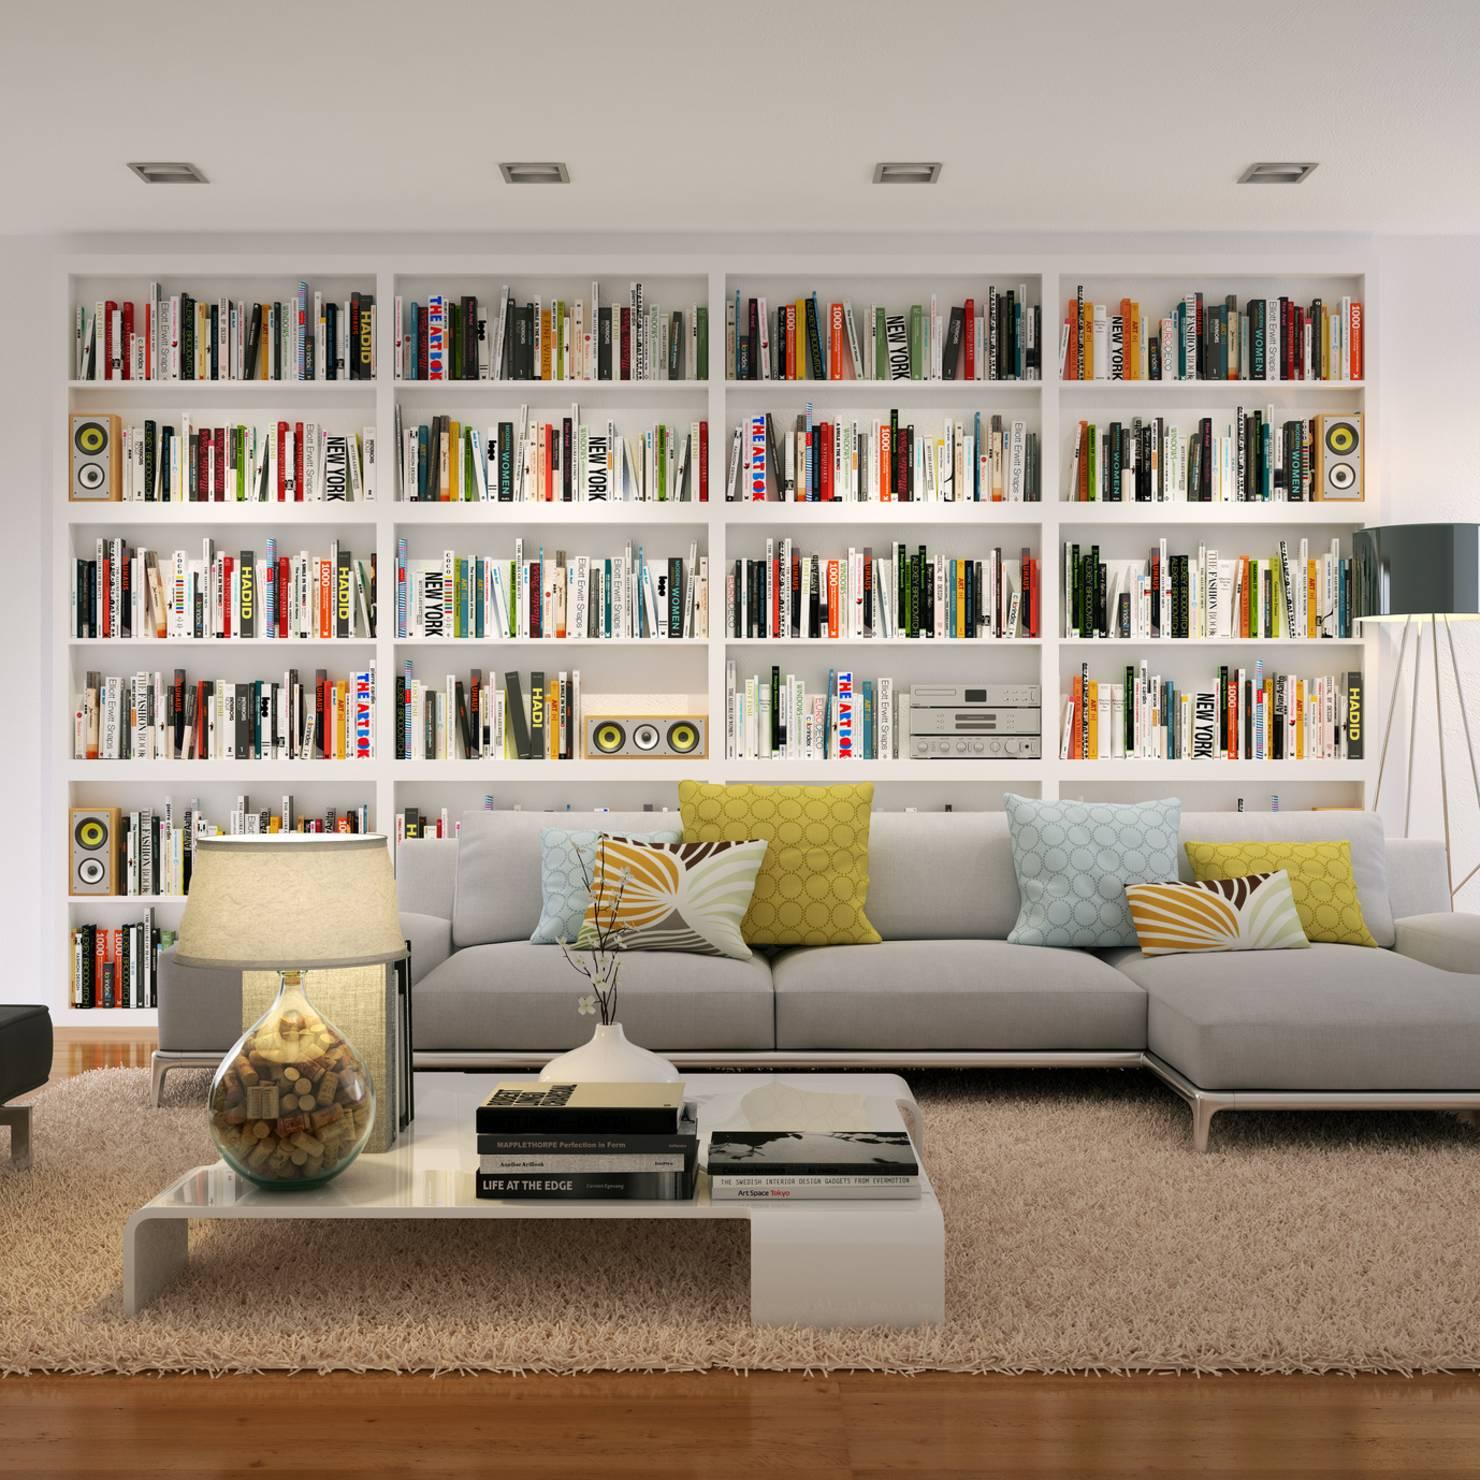 Duvarlarınızı Kitaplıklarla Kaplayın | Dekor Yaşam